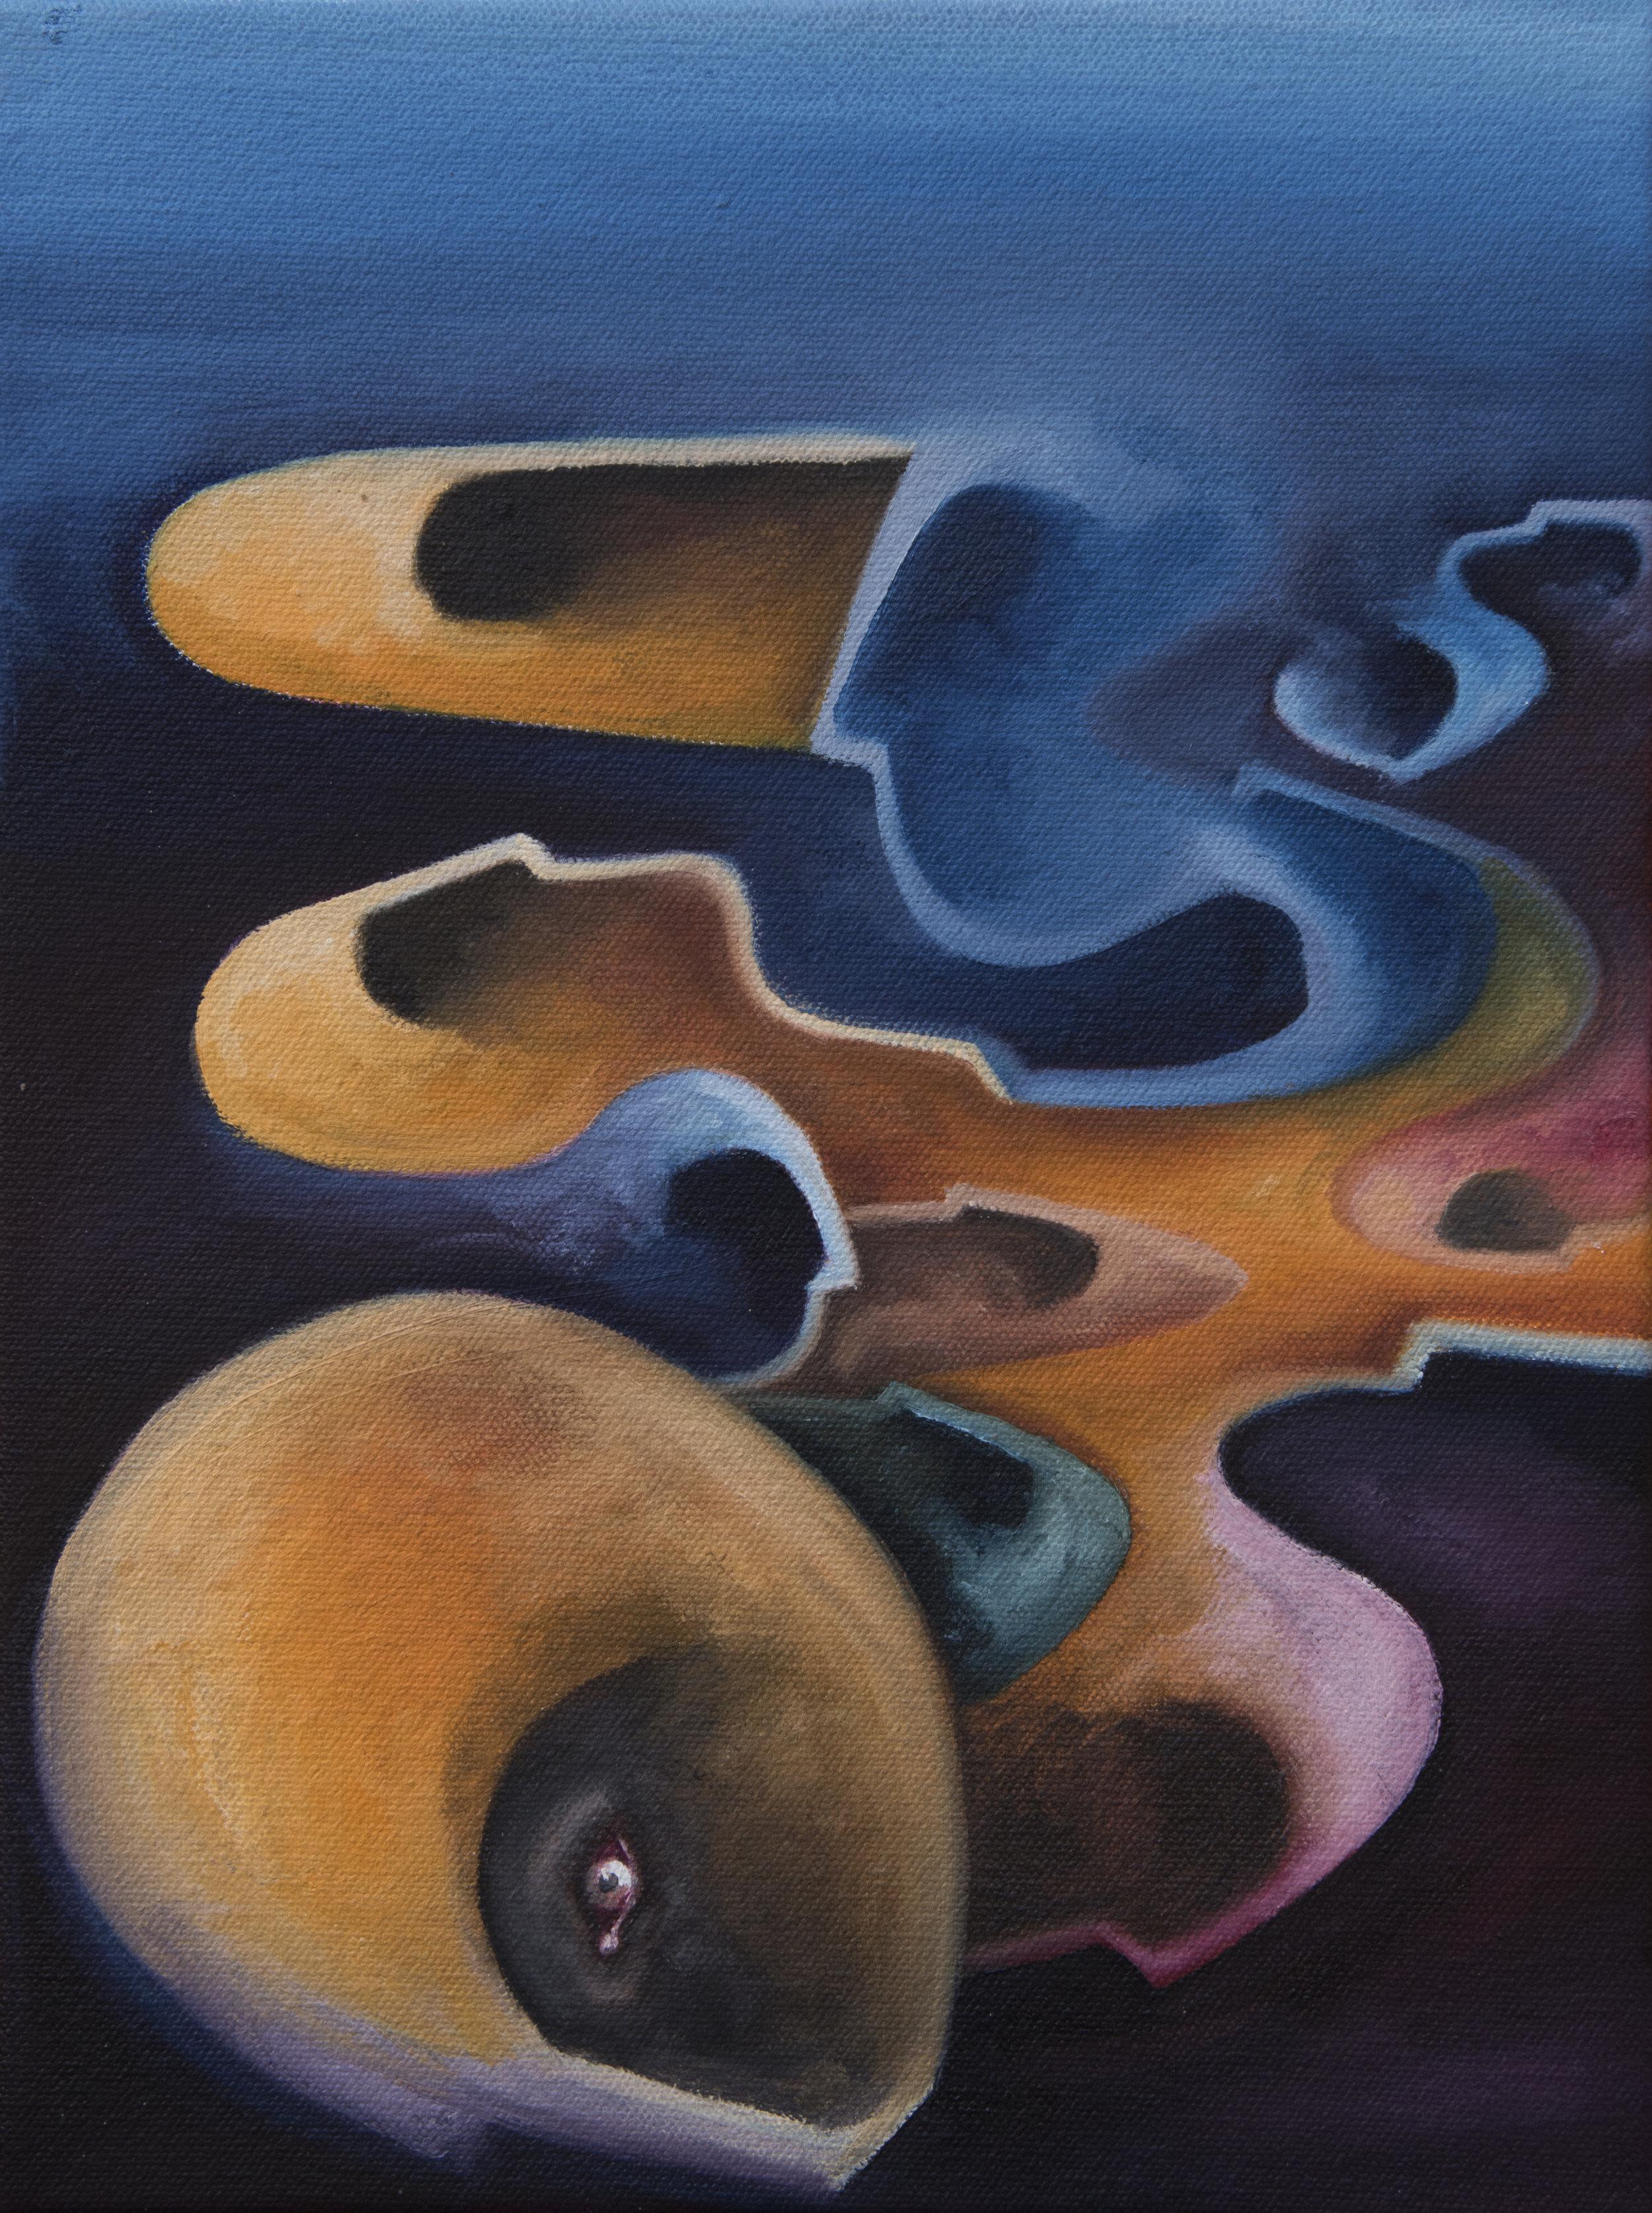 ebu_duruman_paintings-3235.jpg